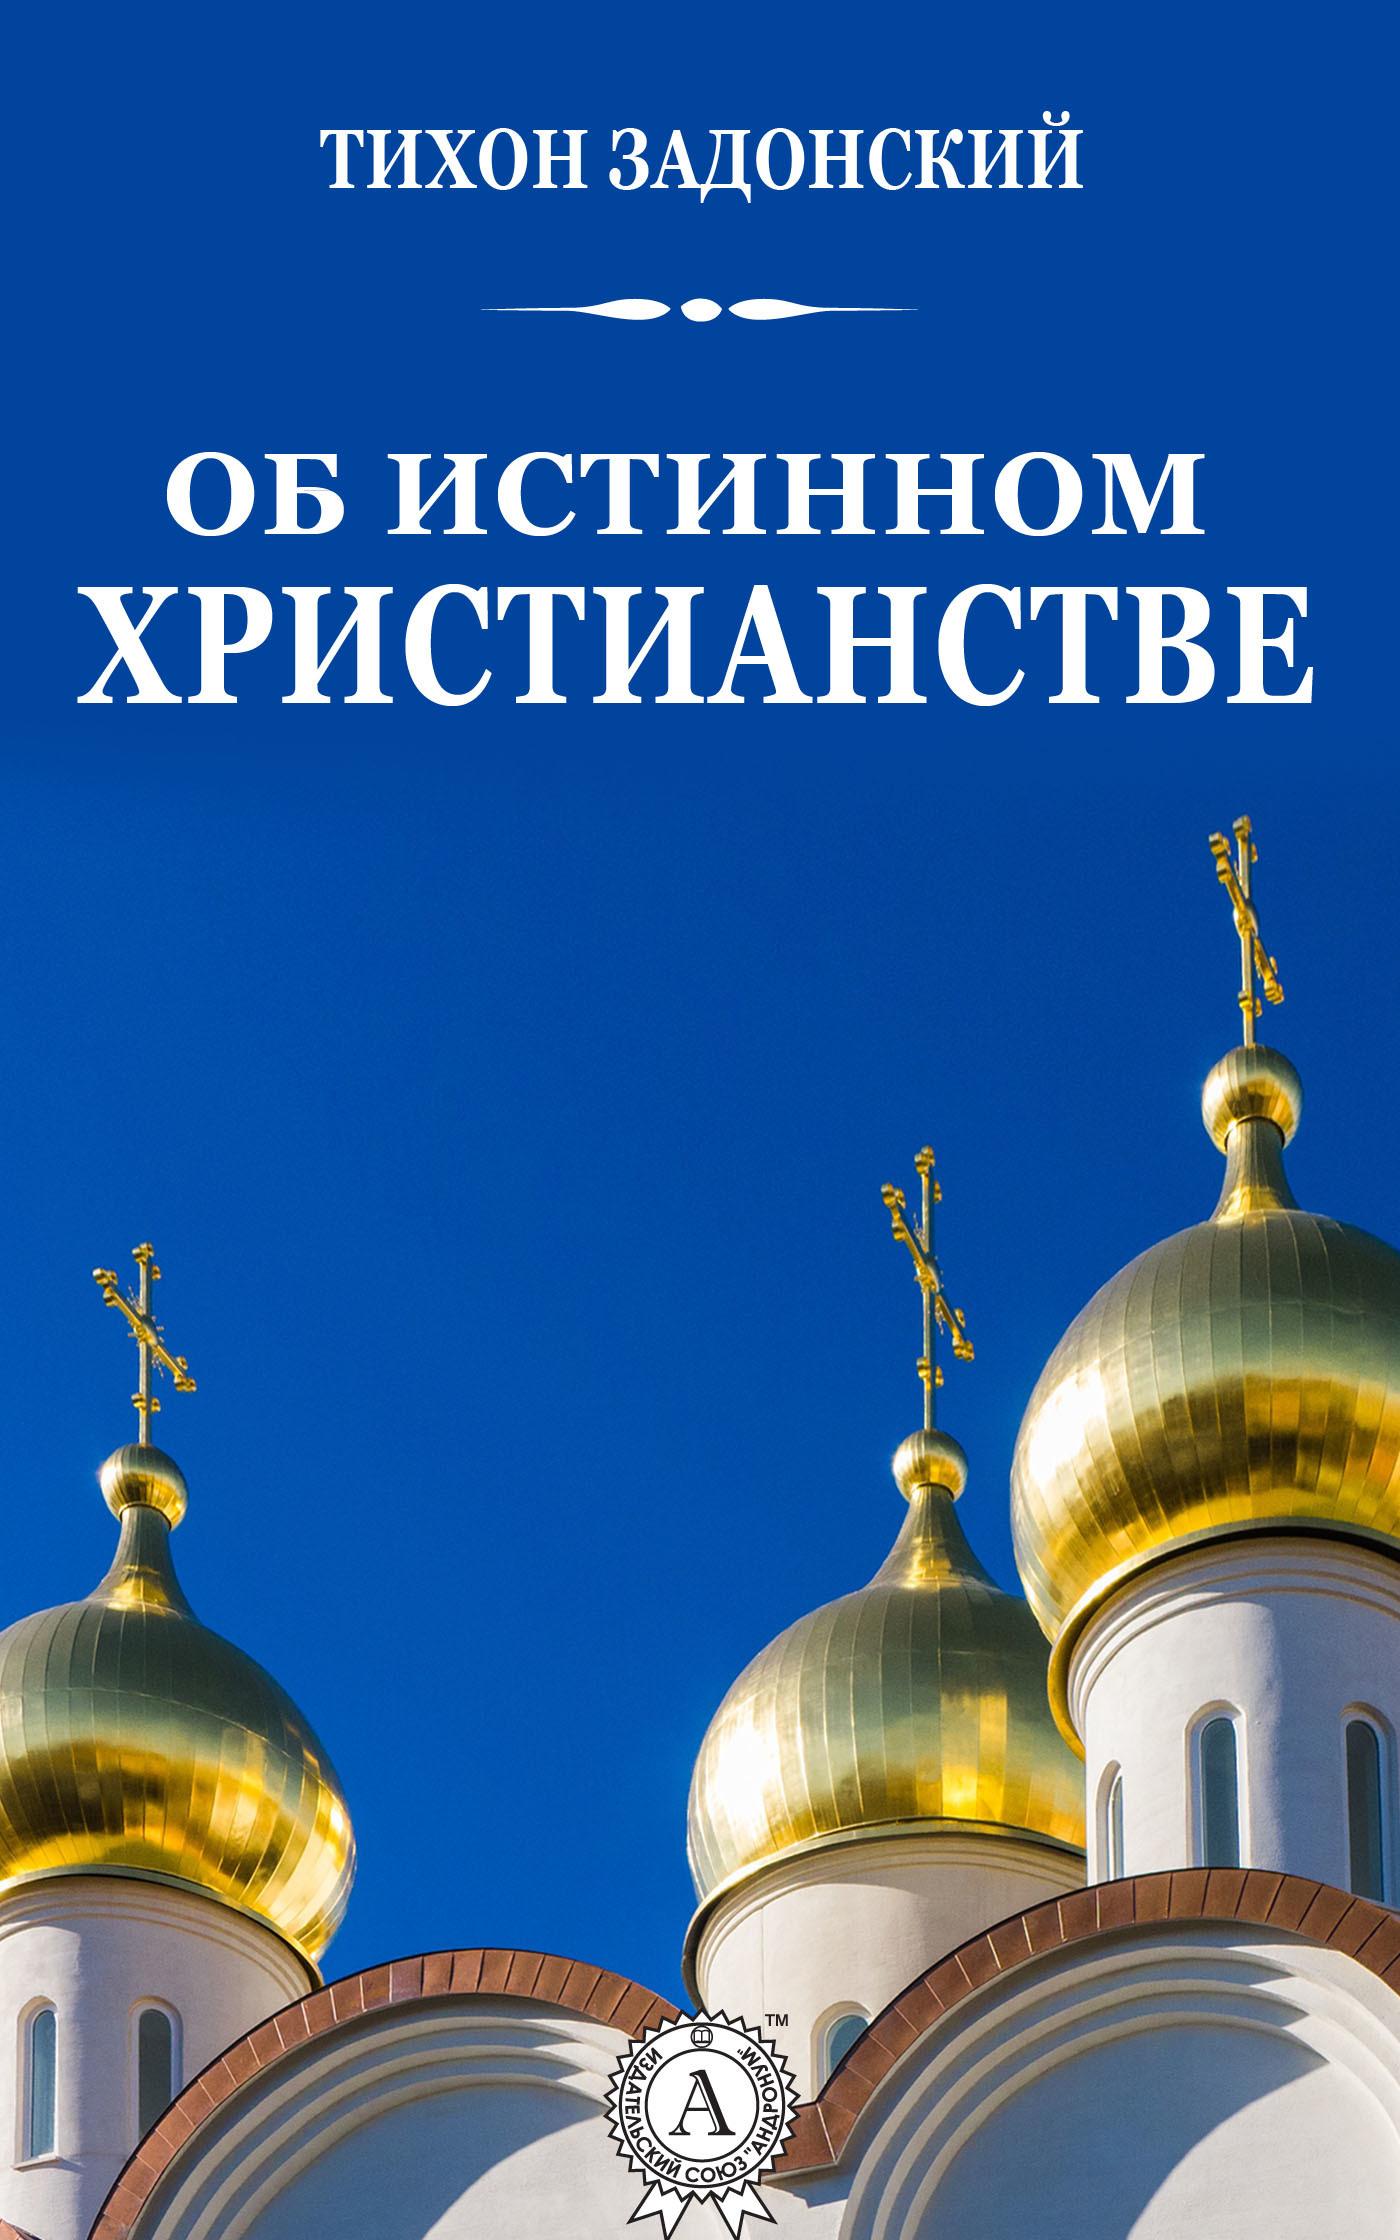 Тихон Задонский «Об истинном христианстве»